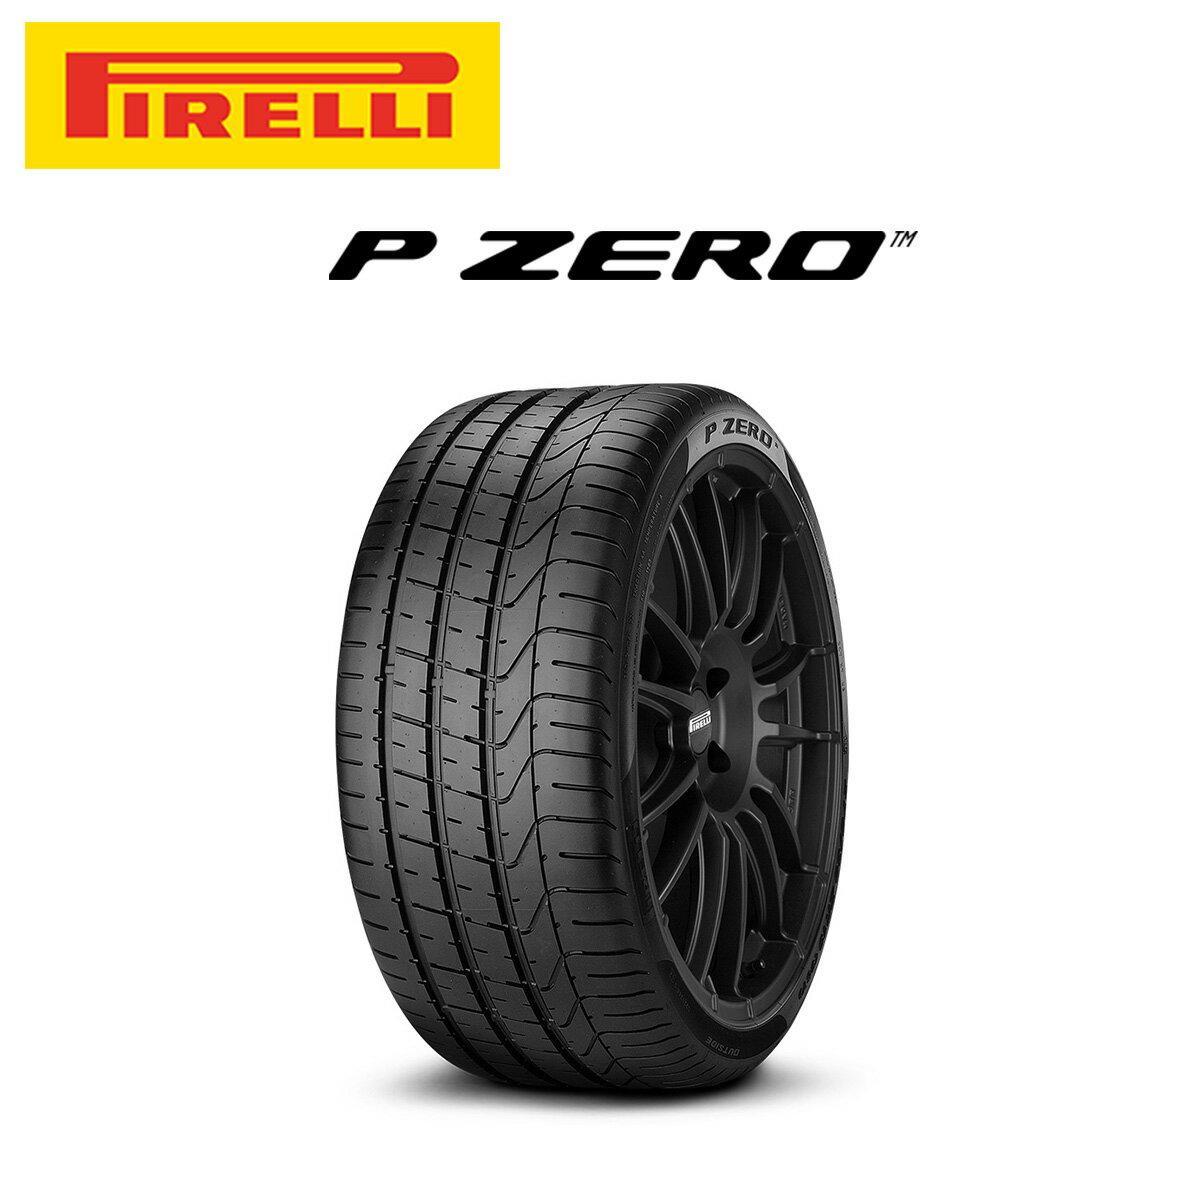 ピレリ PIRELLI P ZERO ピーゼロ 20インチ サマー タイヤ 4本 セット 295/30ZR20 101Y XL AMV:アストンマーティン承認タイヤ 2137800